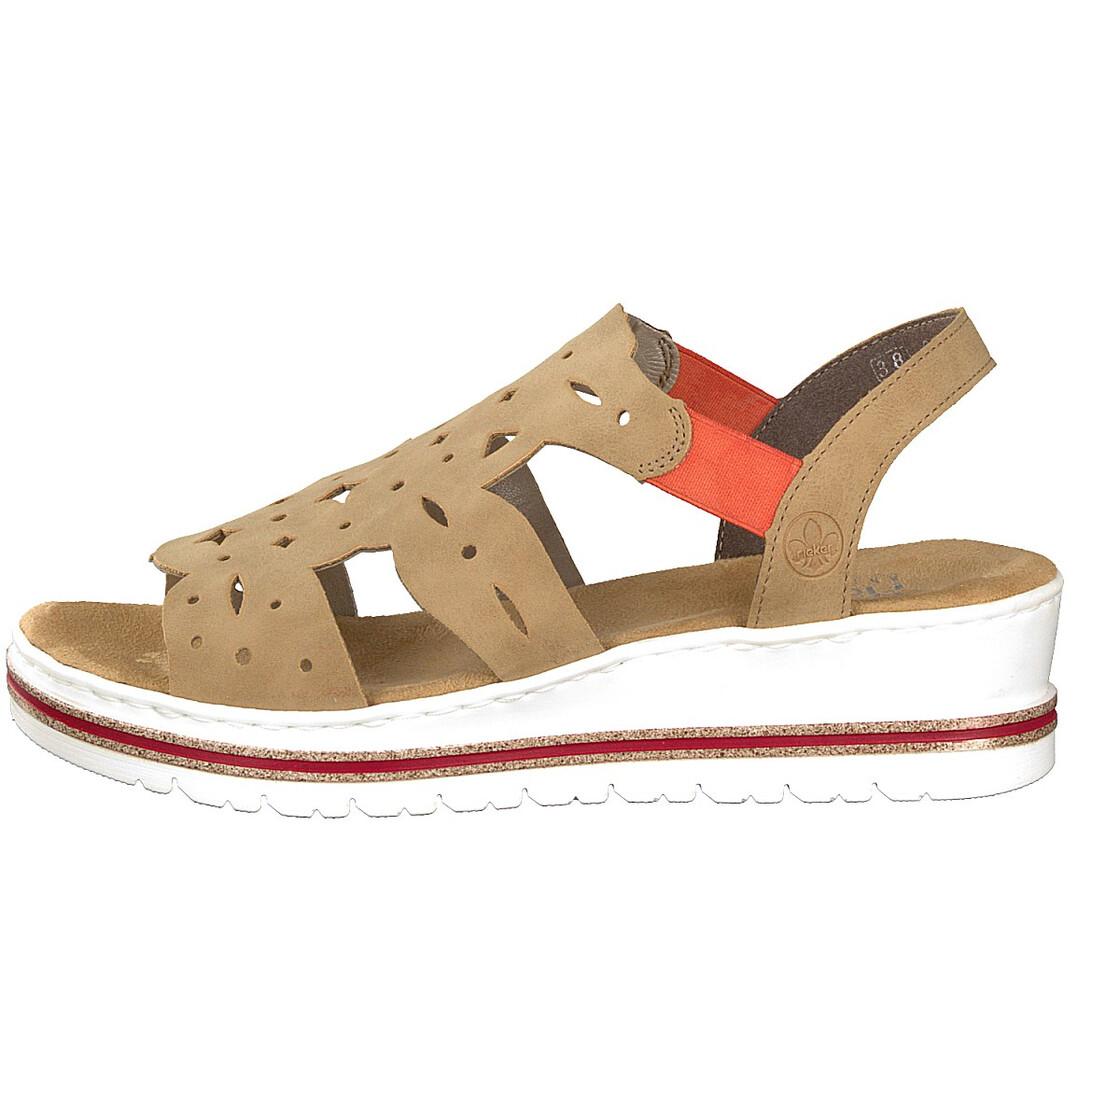 V5857-60 Rieker sand wedge sandals